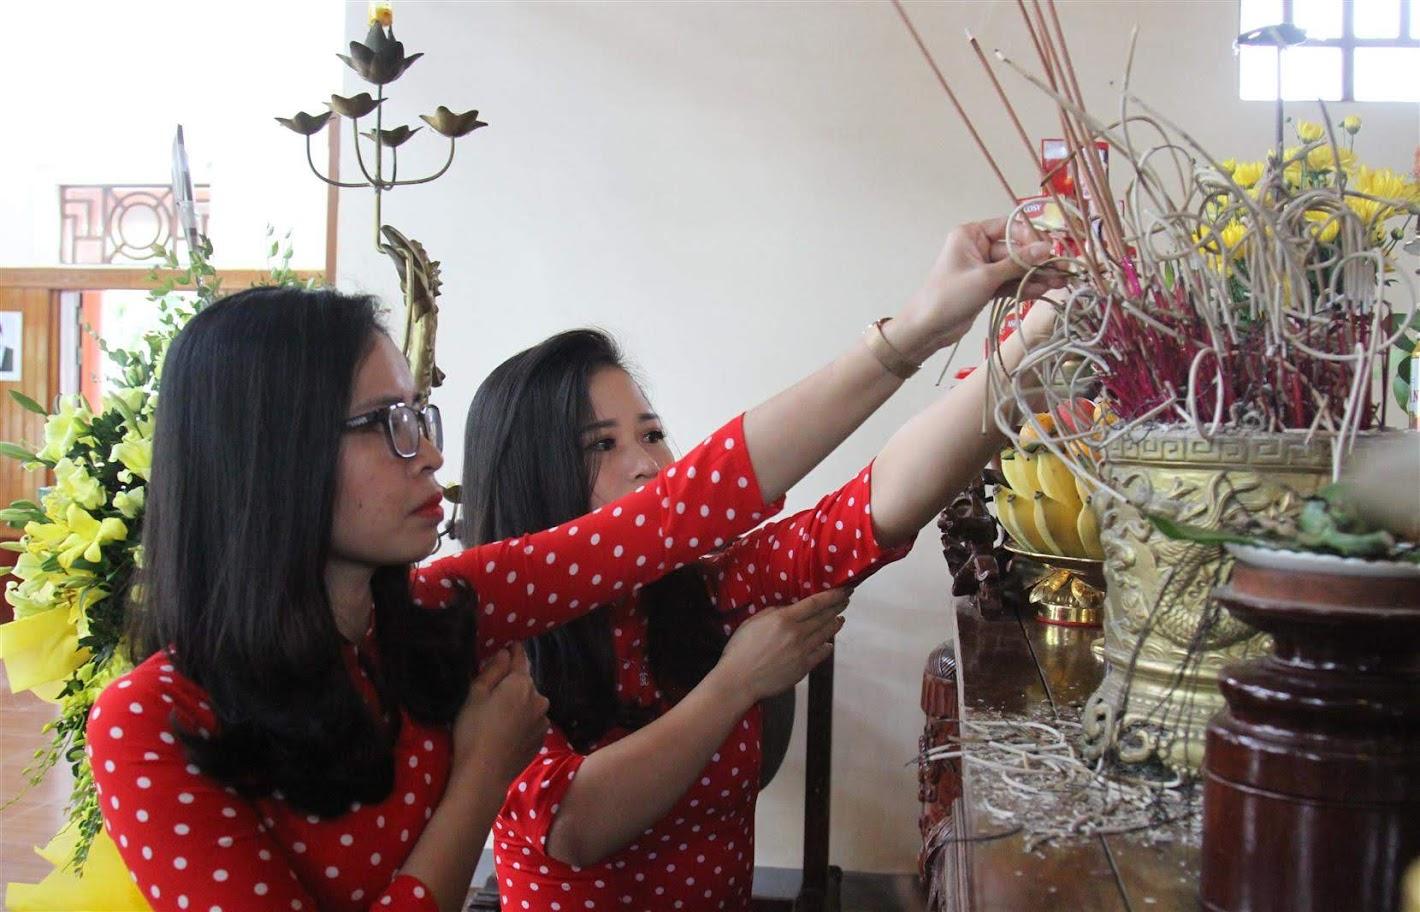 Dâng hoa, dâng hương tỏ lòng thành kính, biết ơn vô hạn đối với cuộc đời và sự nghiệp cao cả của đồng chí Nguyễn Thị Minh Khai